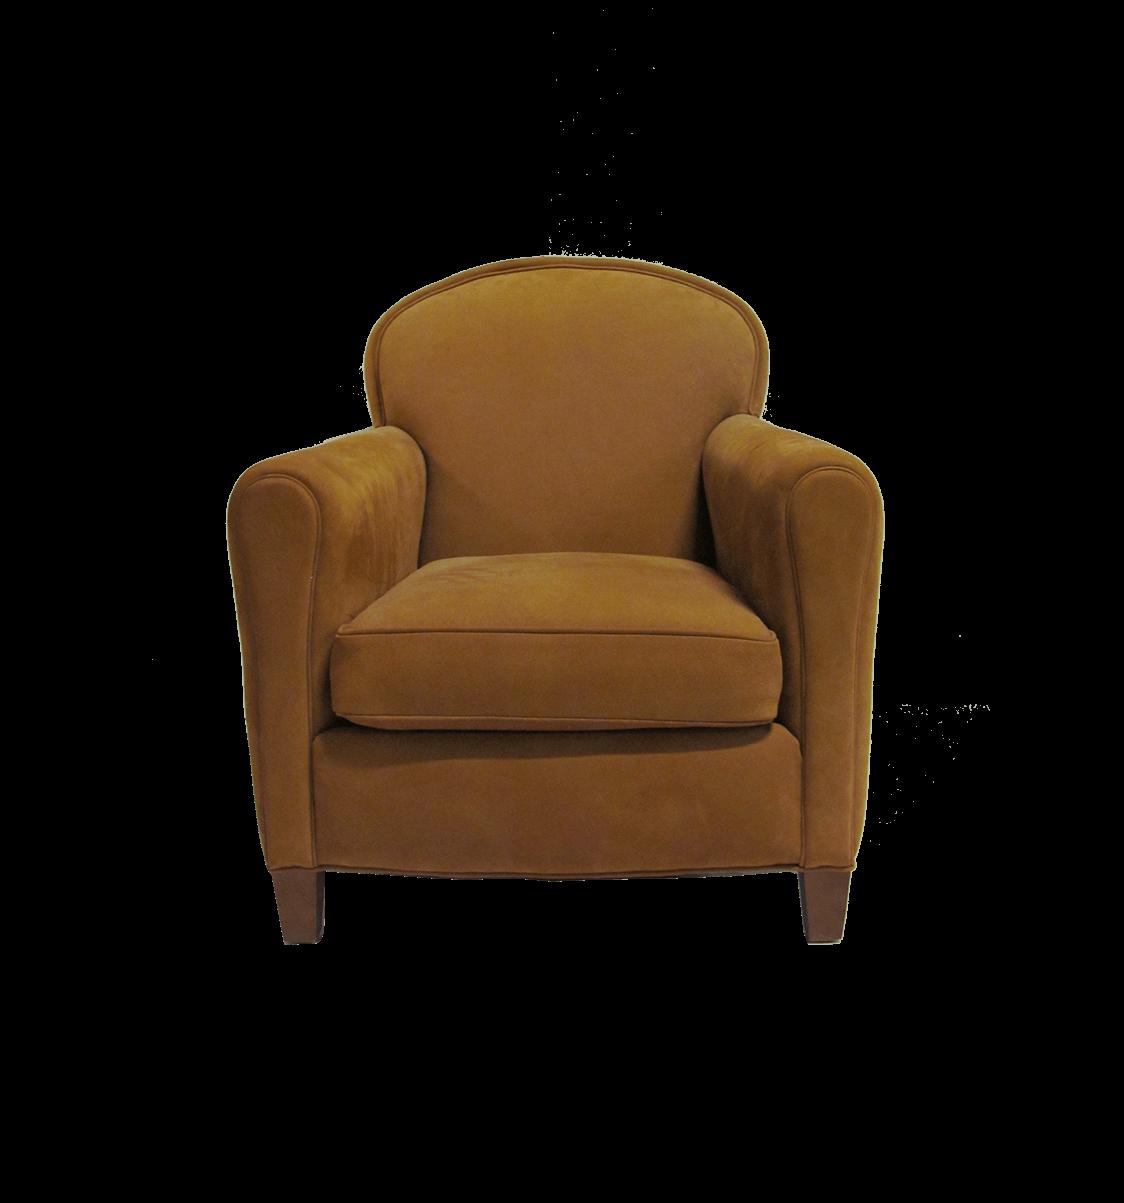 255117_Lee_Industries_Club_Chair